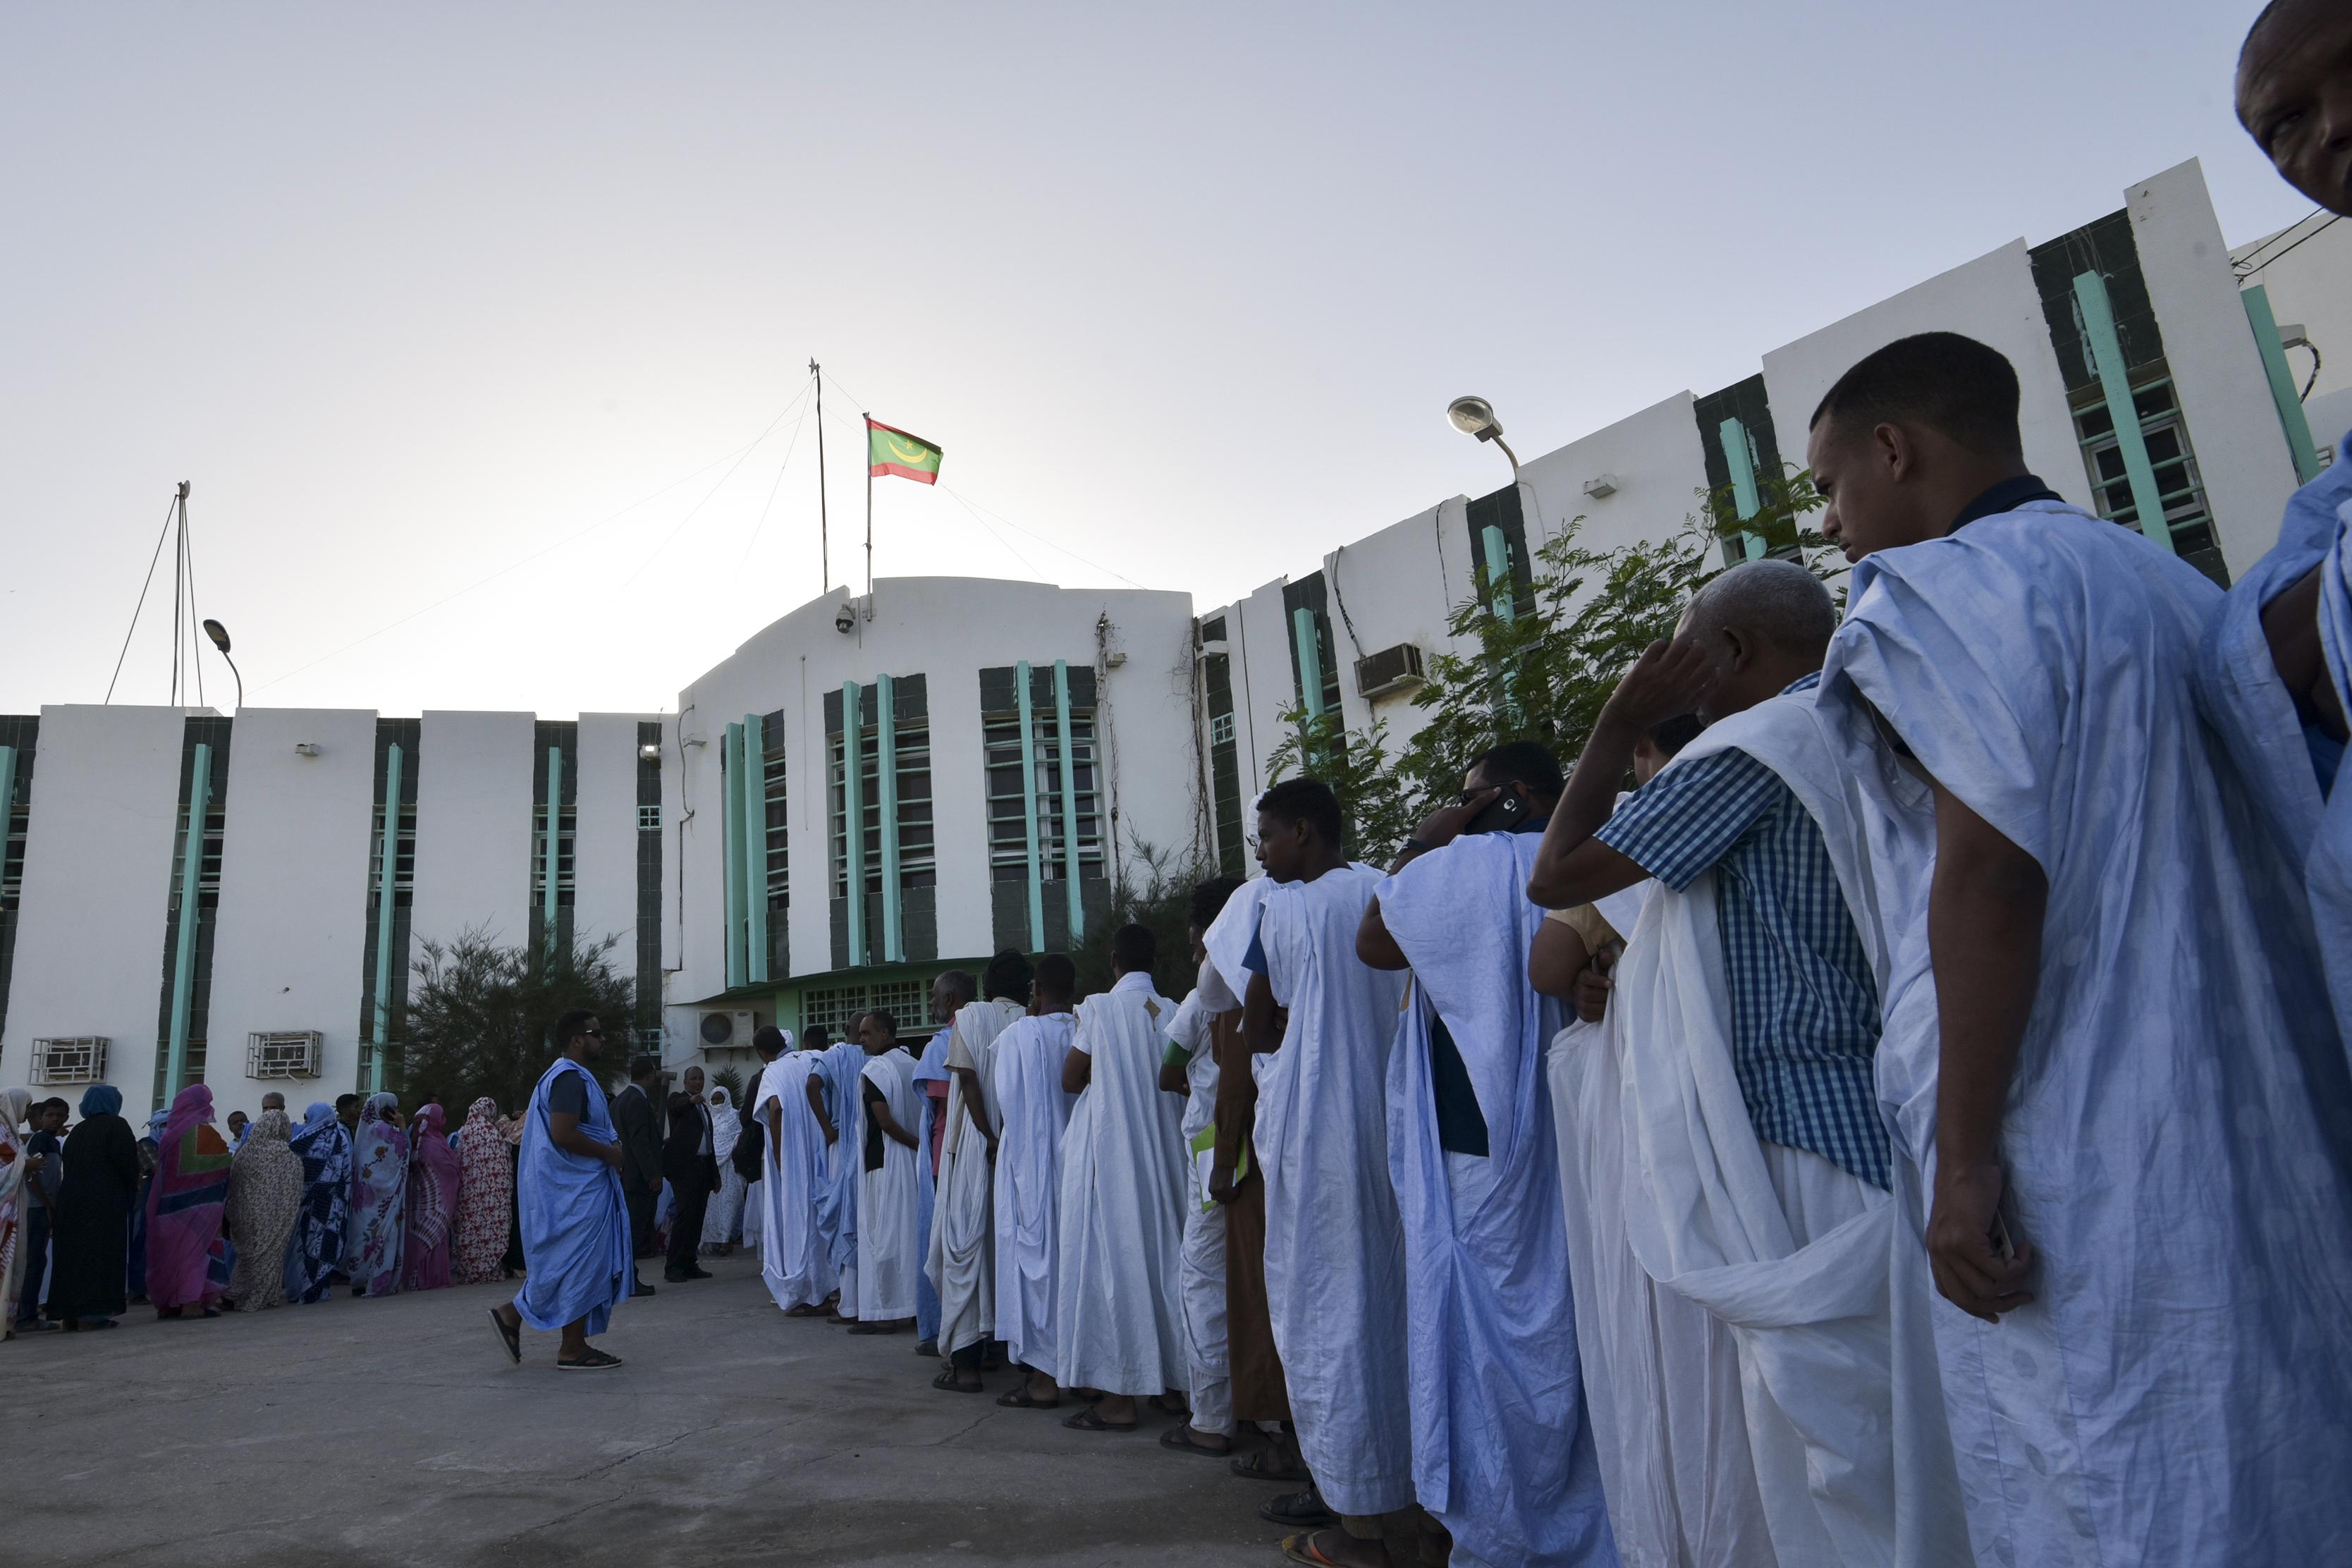 طابور من الناخبين الموريتانيين ينتظرون دورهم للإدلاء بأصواتهم